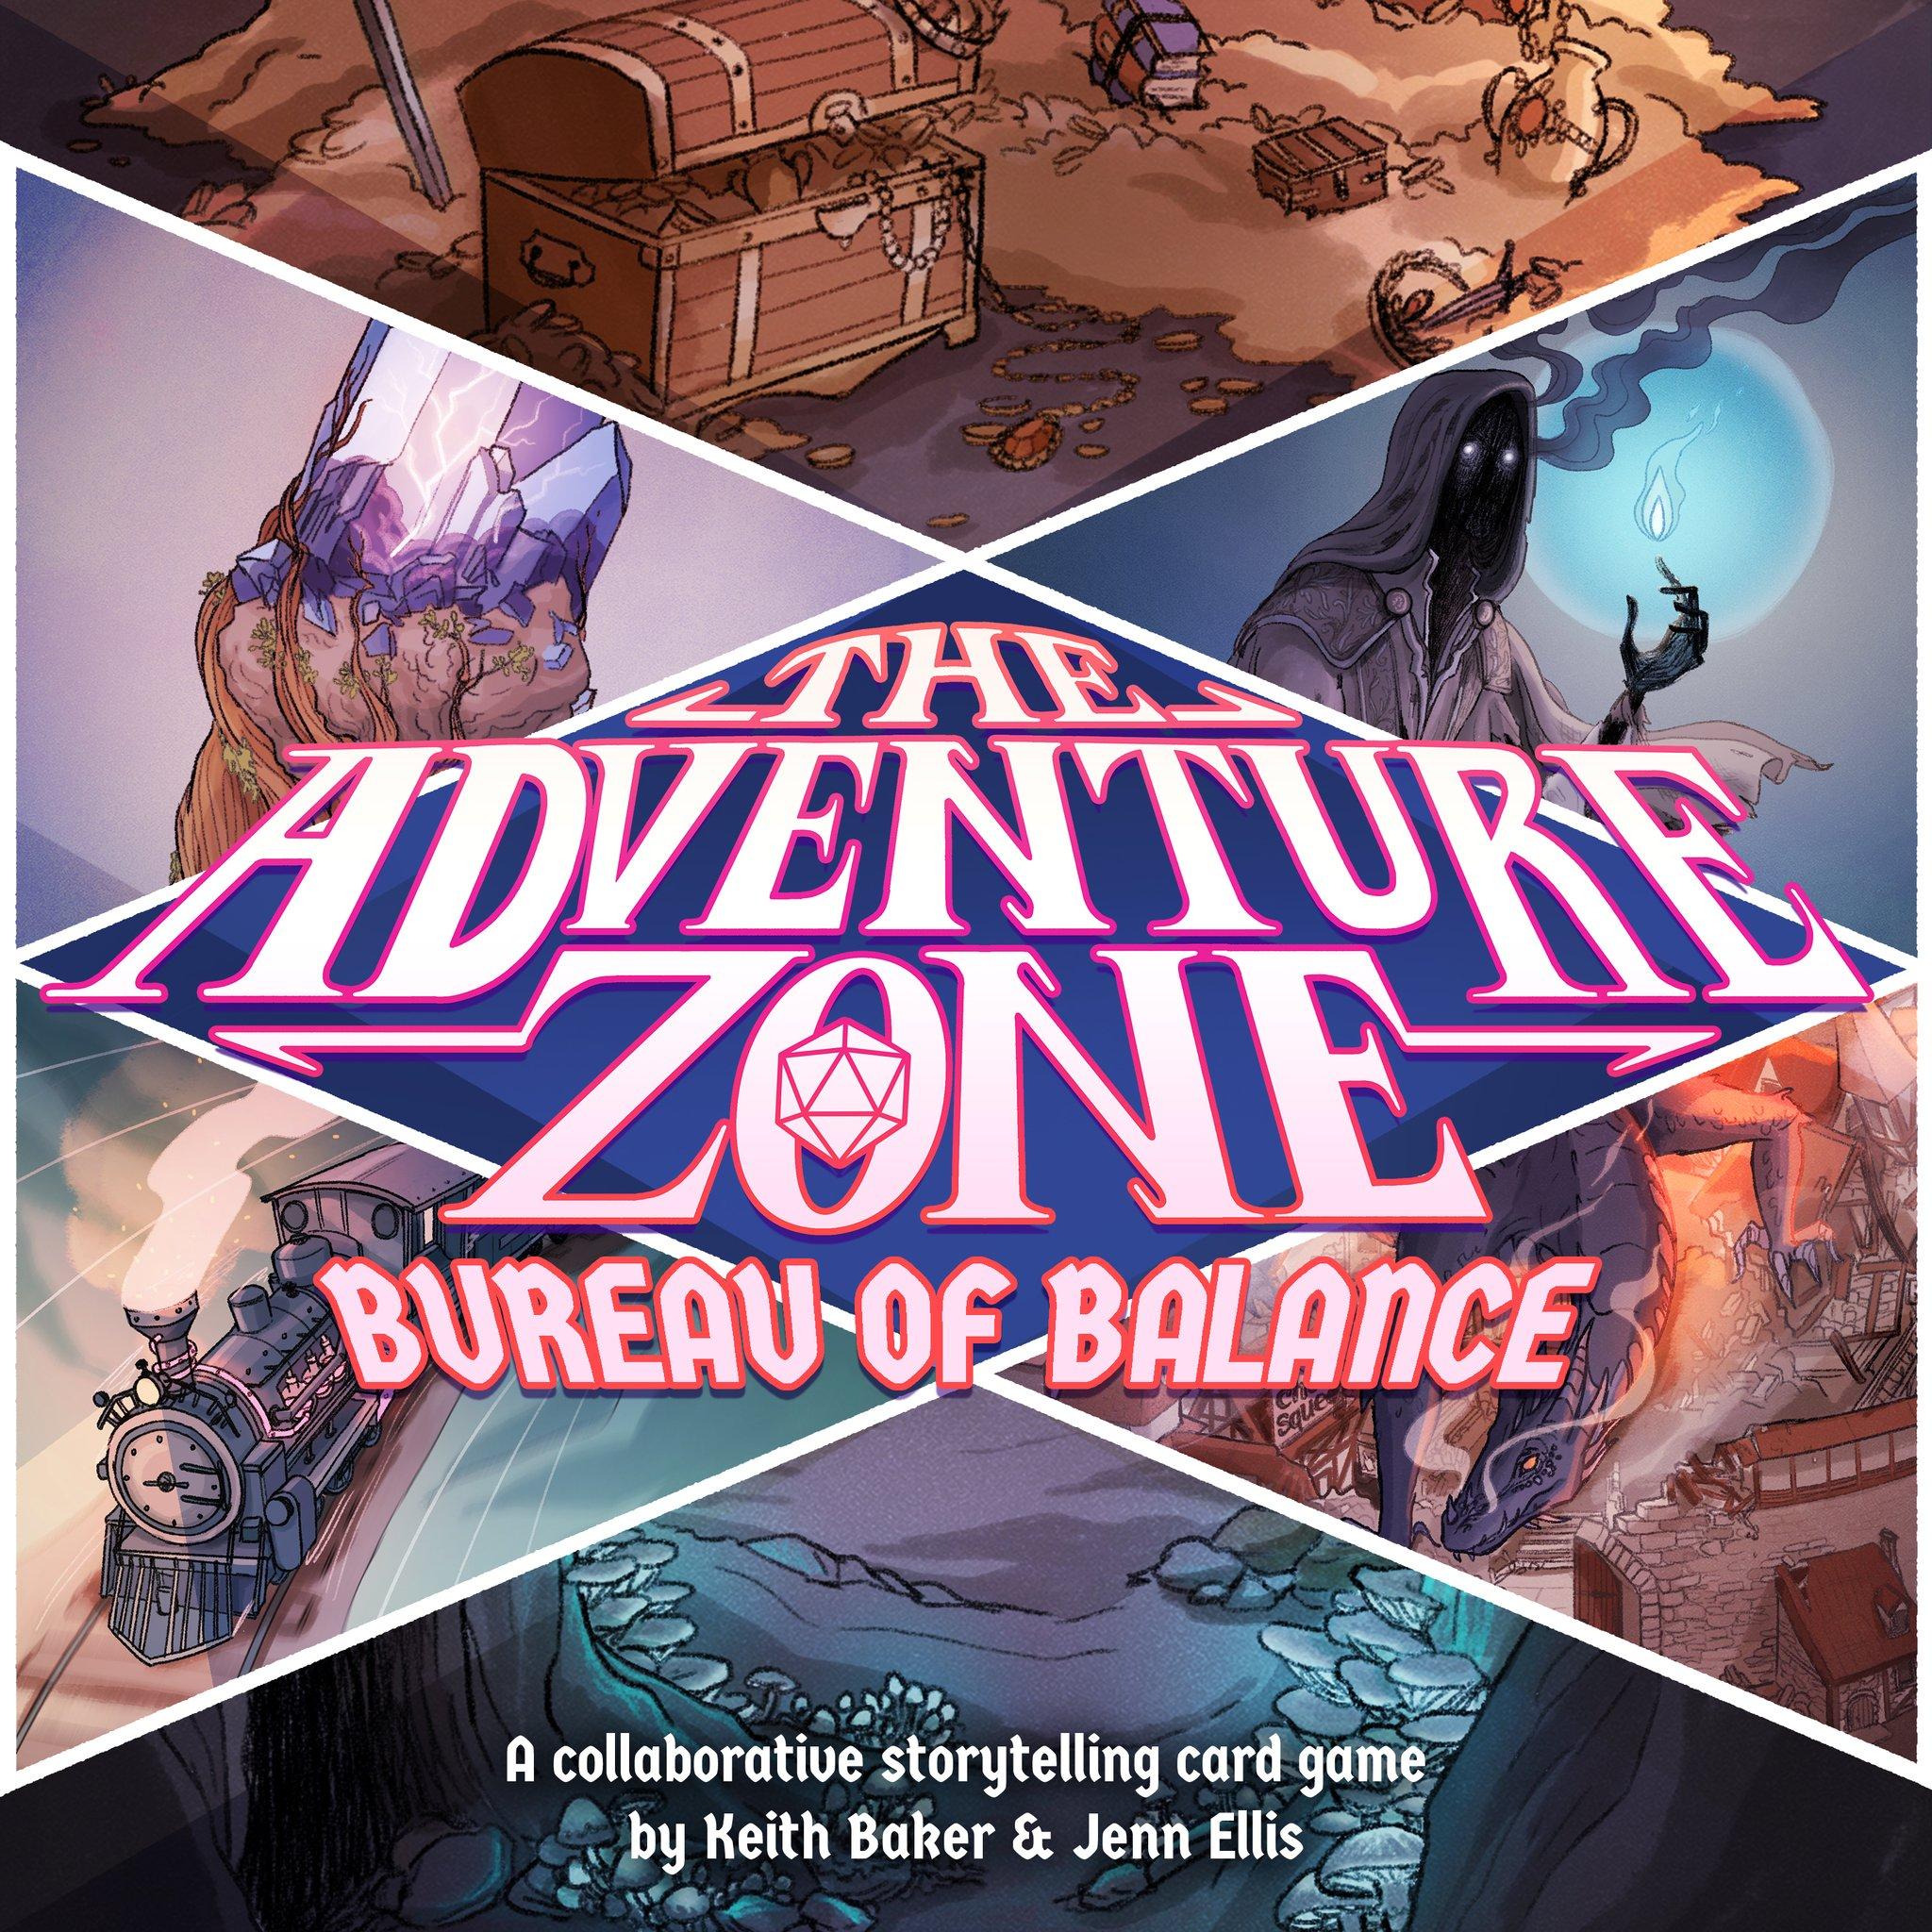 adventurezone.jpg